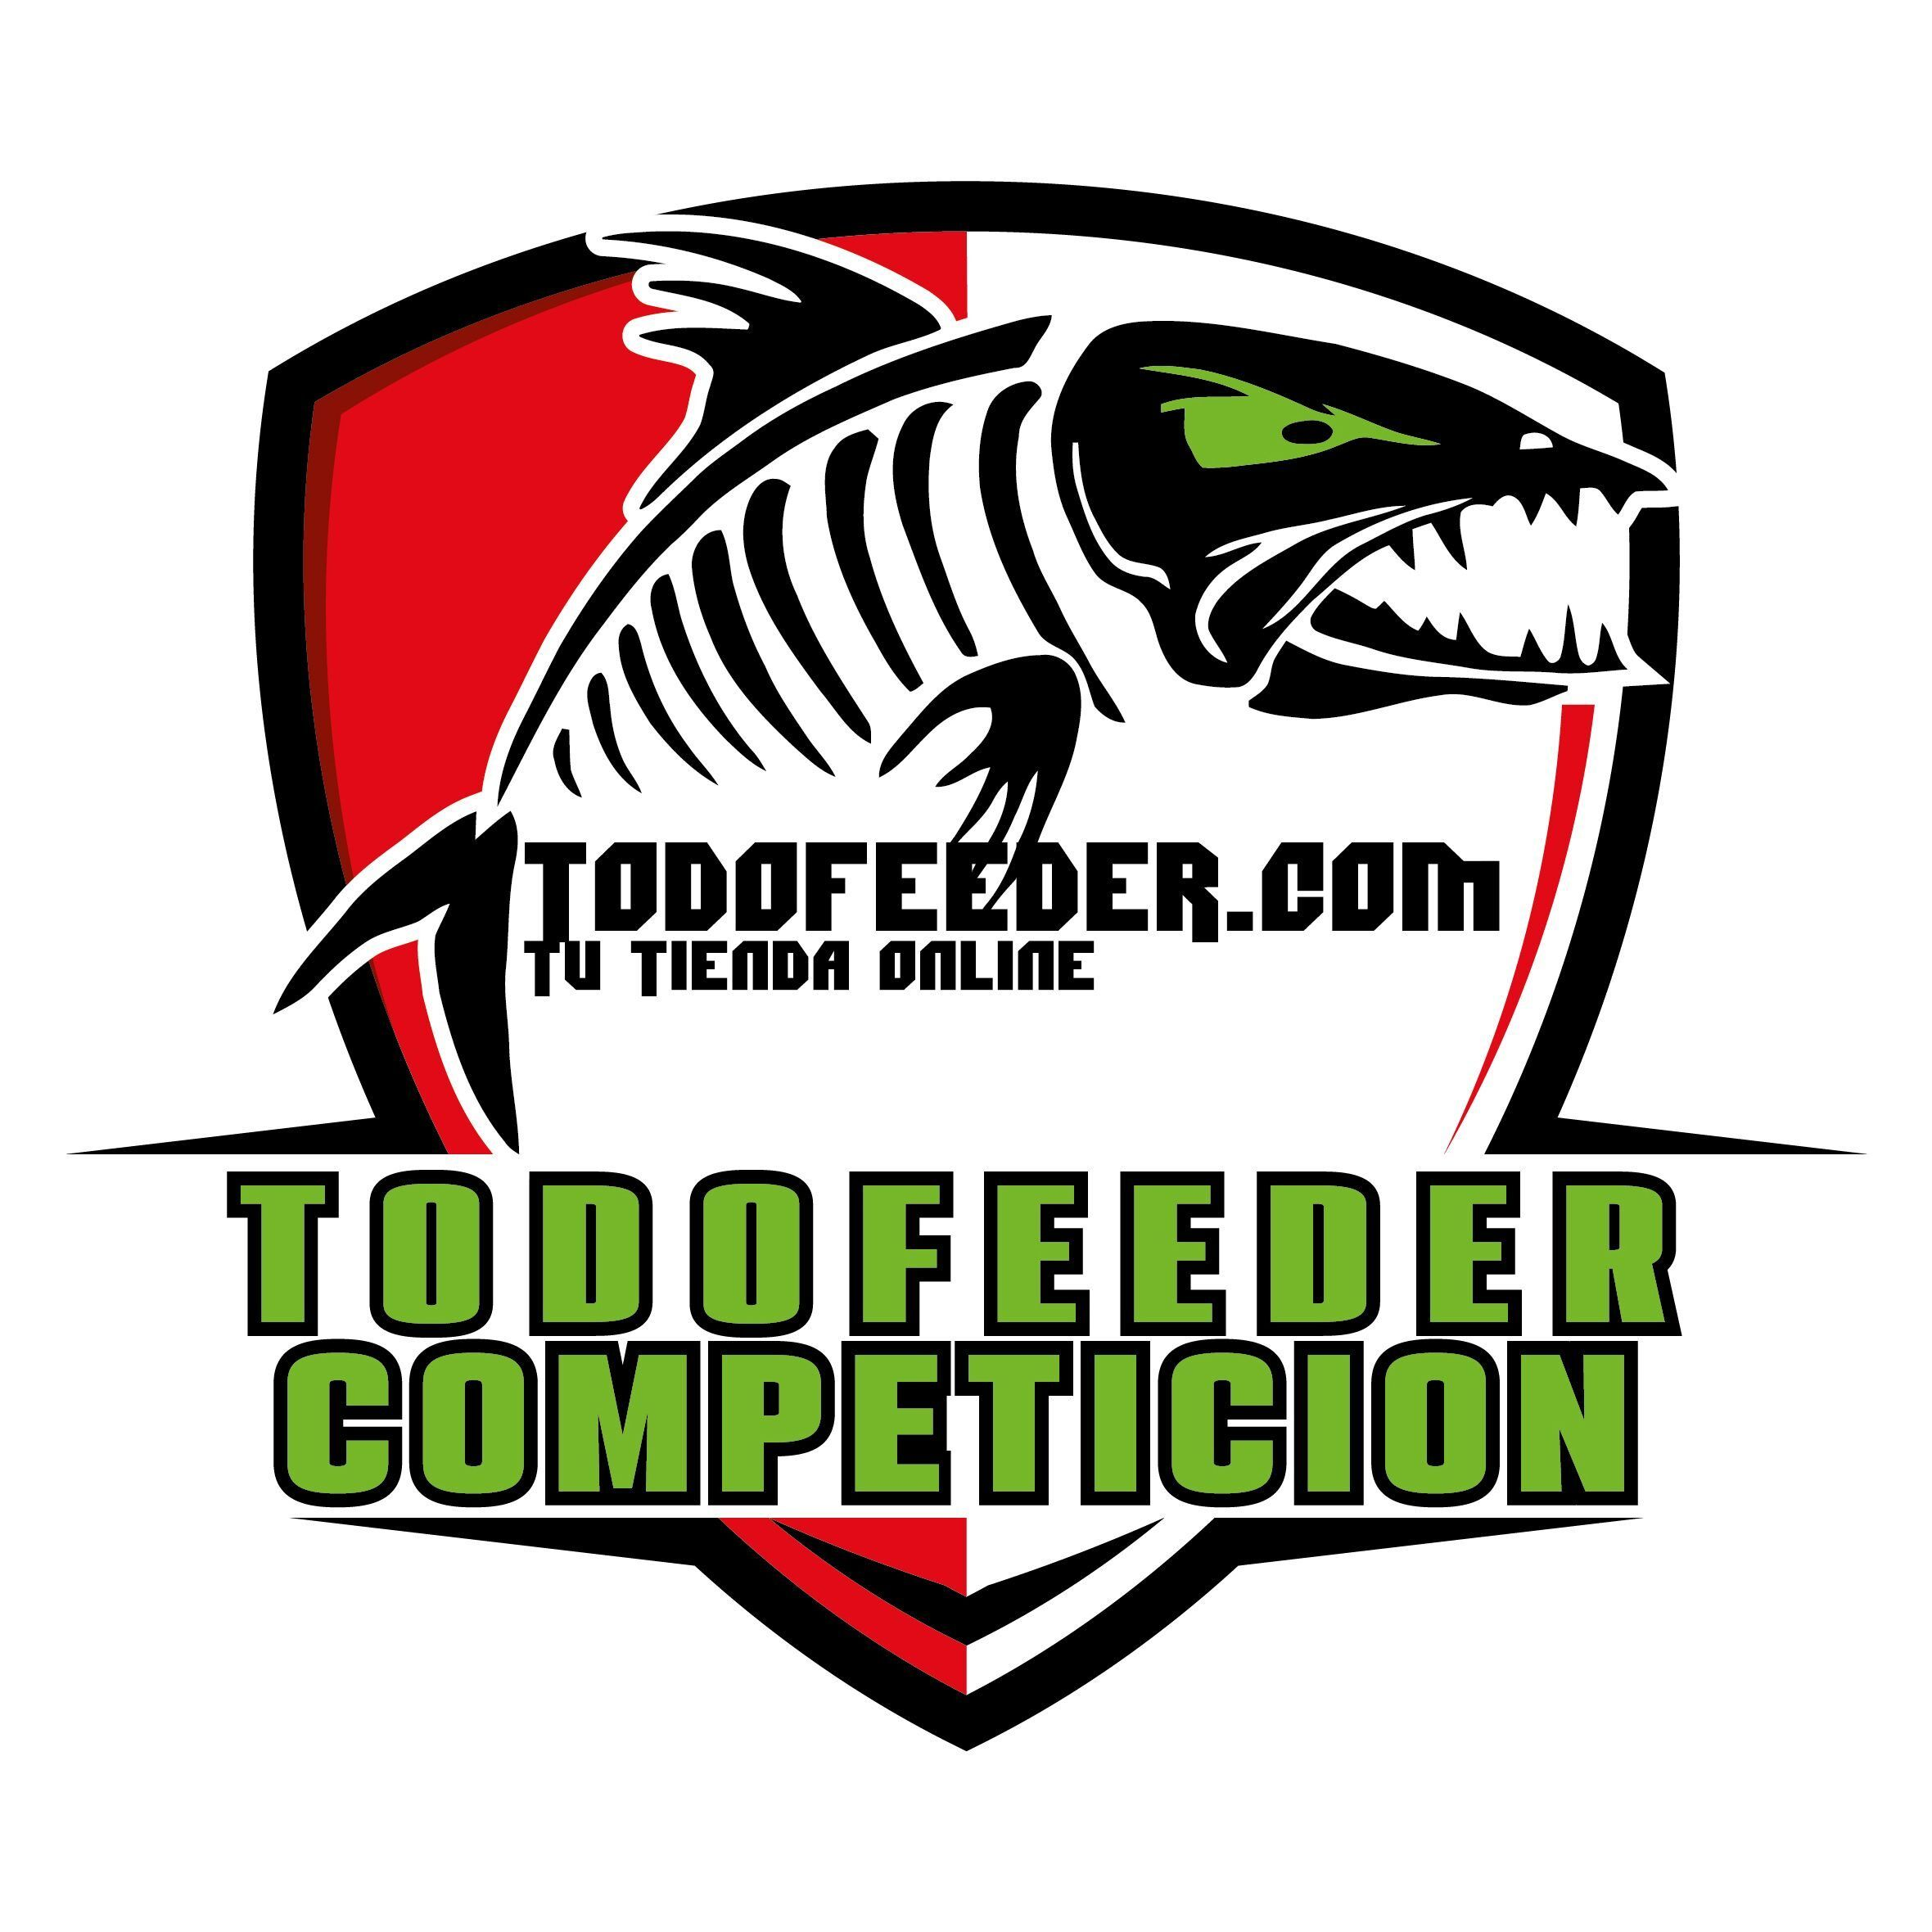 TODOFEEDER.COM